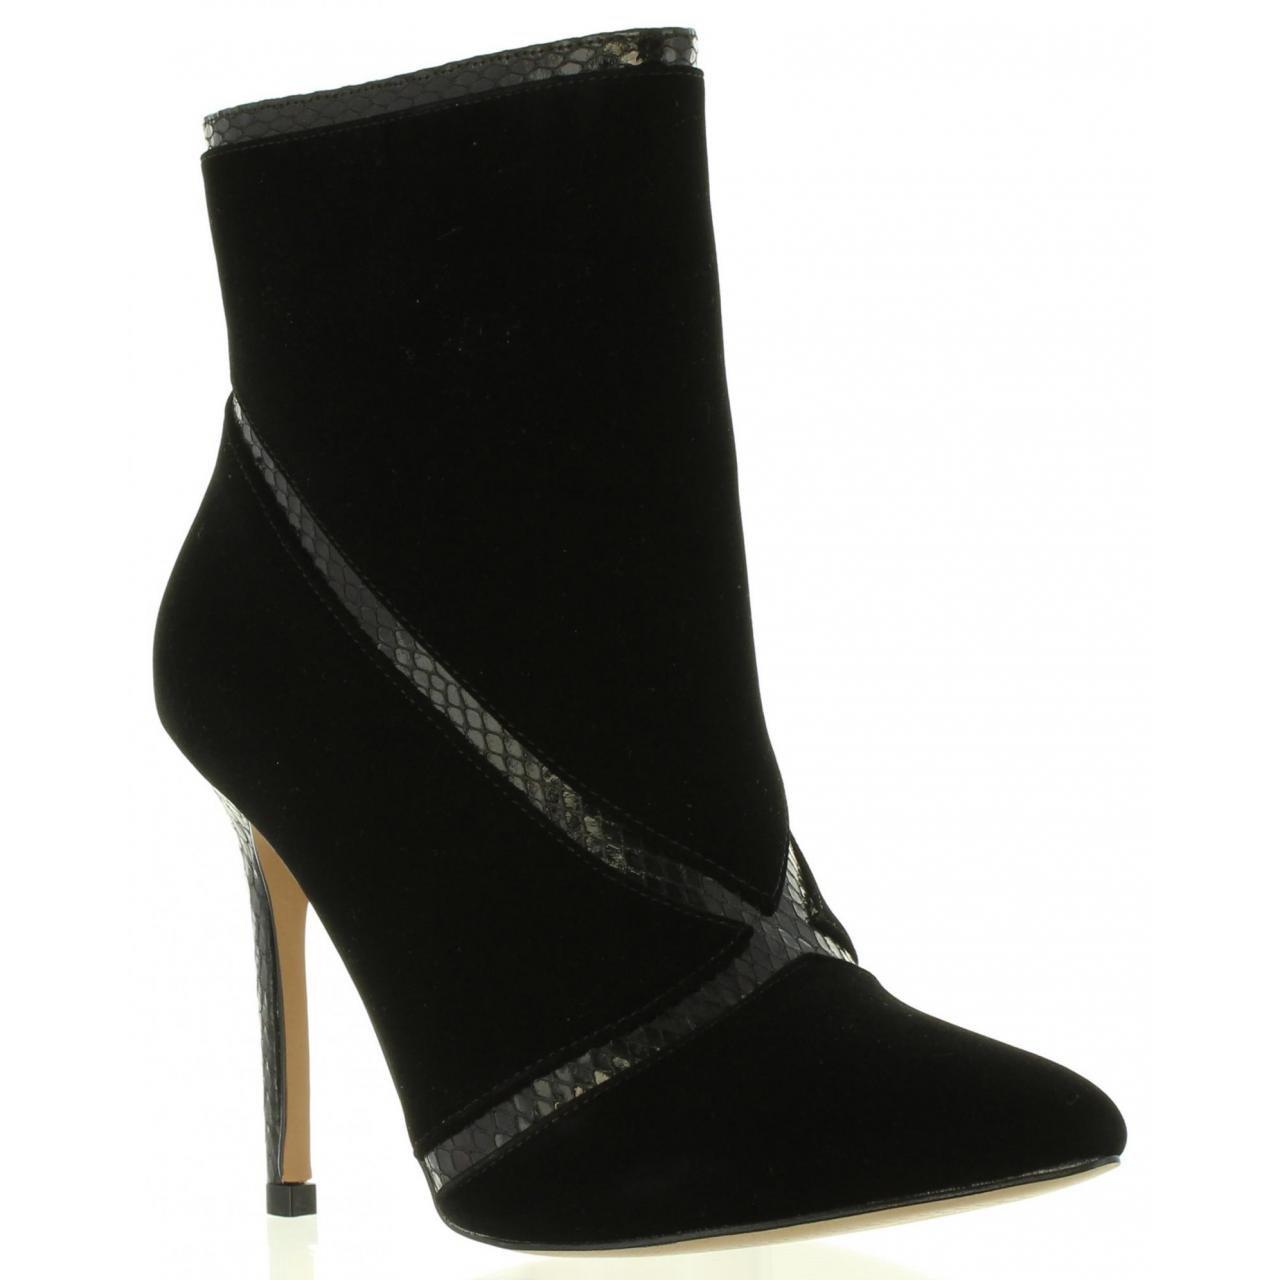 Botines de Mujer MARIA MARE 61366 C28289 Peach Negro: Amazon.es: Zapatos y complementos